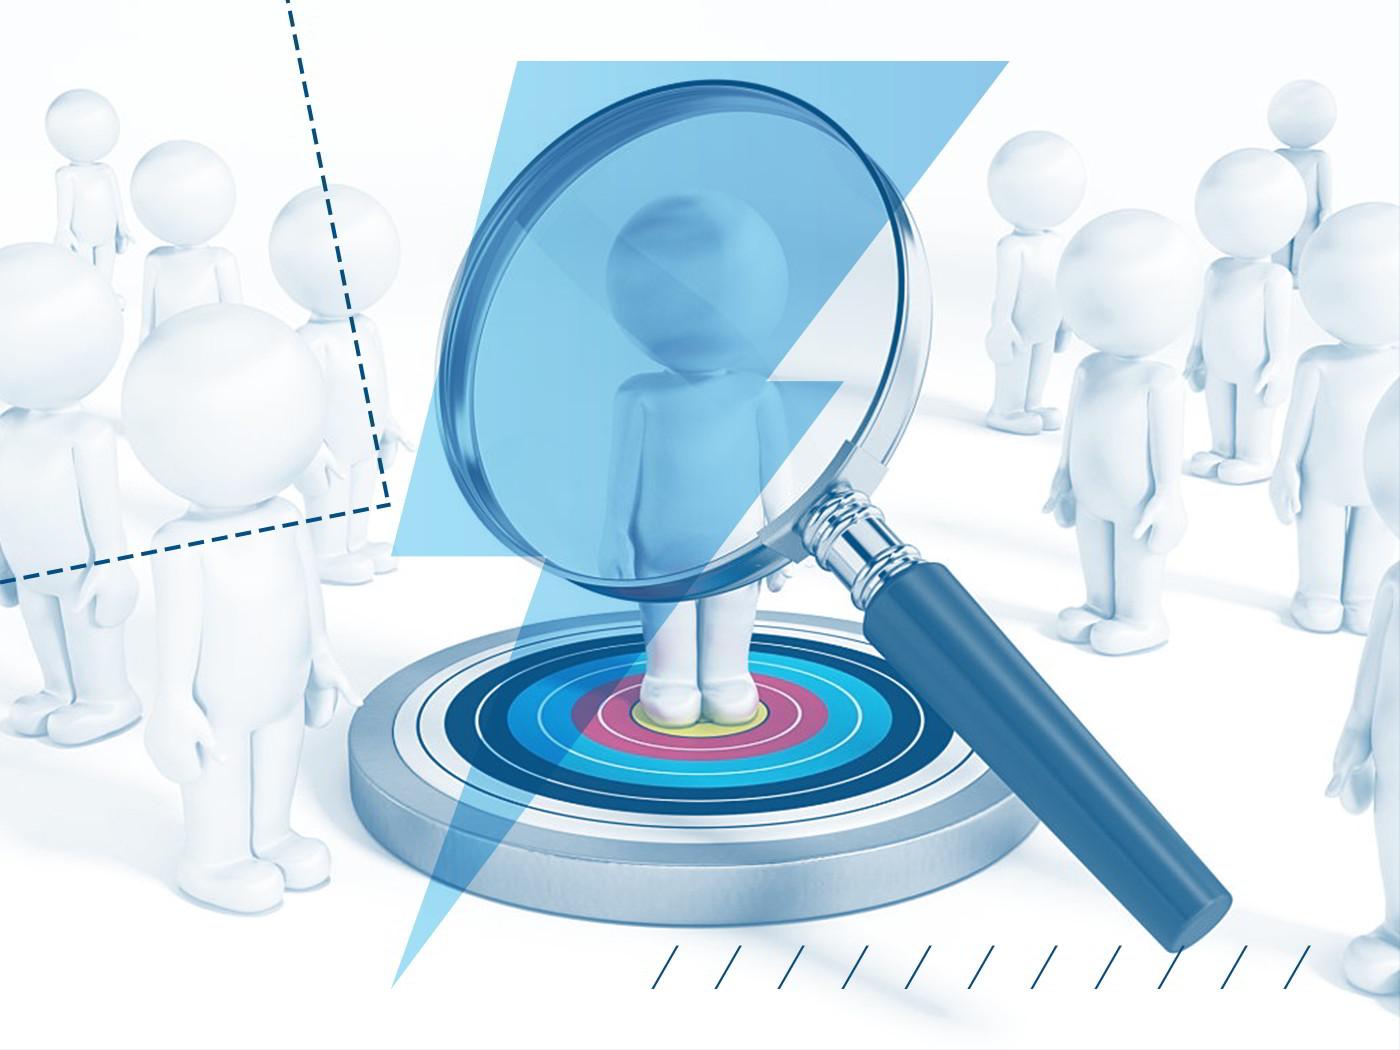 É importante entender as diferenças entre o público-alvo e a persona para a sua estratégia de Marketing.